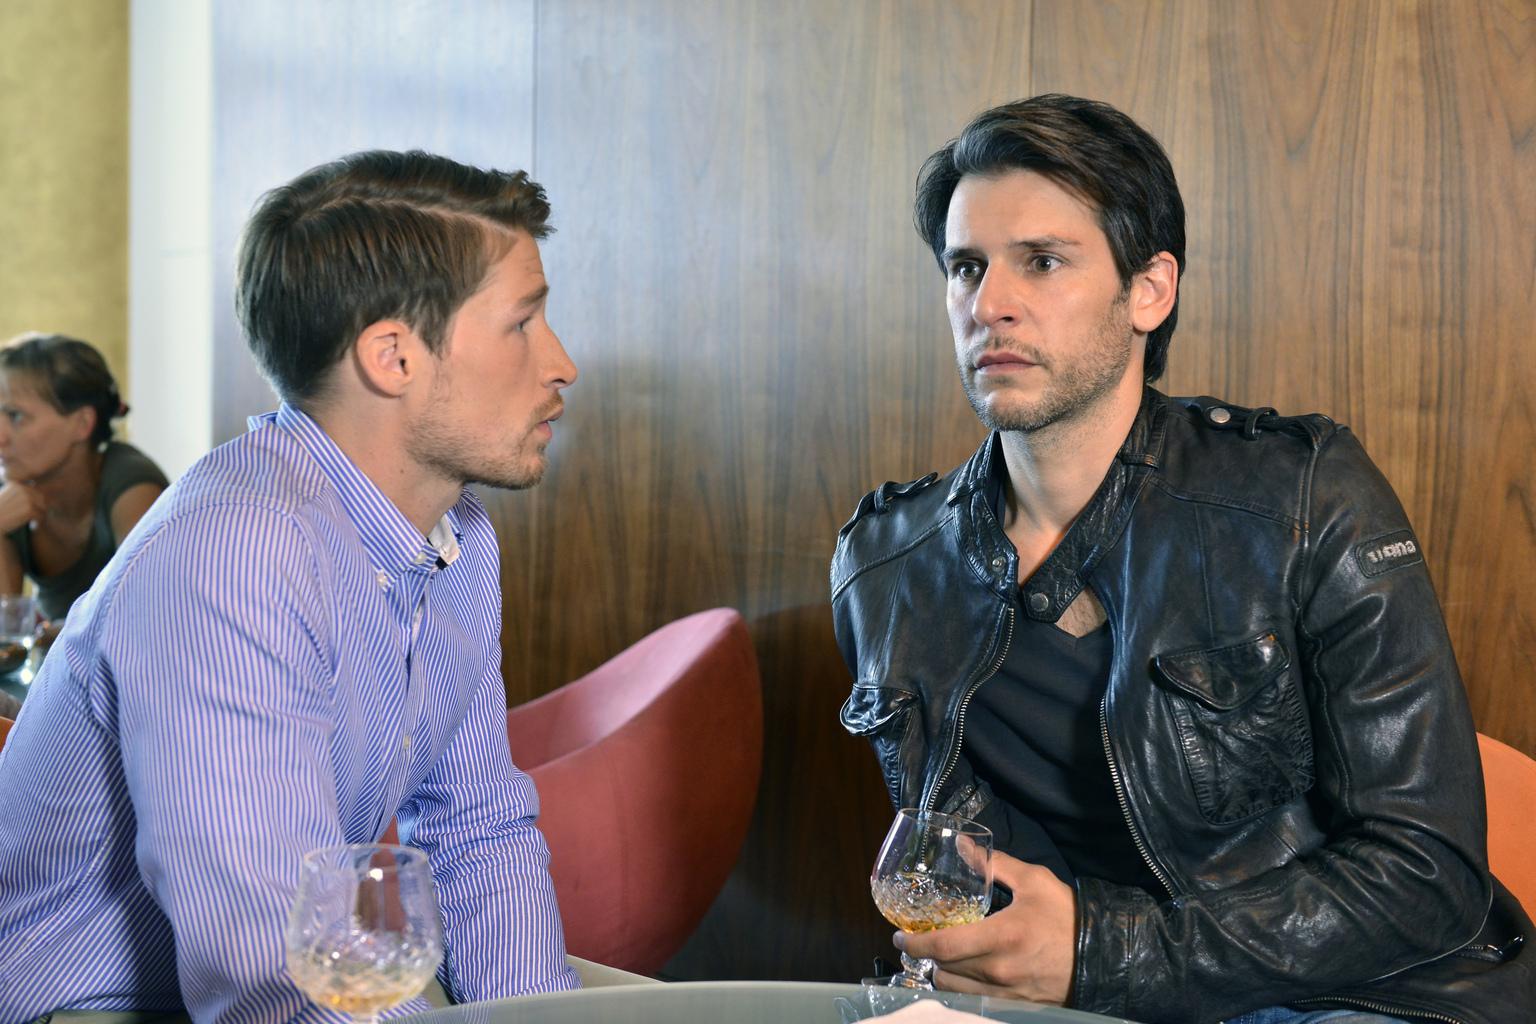 Bei einem Erotikseminar für Männer trifft Nick (Florian Odendahl, r.) auf Julian (Oliver Bender, l.), der den Orgasmus seiner Verlobten angehen will ... (Quelle: Sat1)